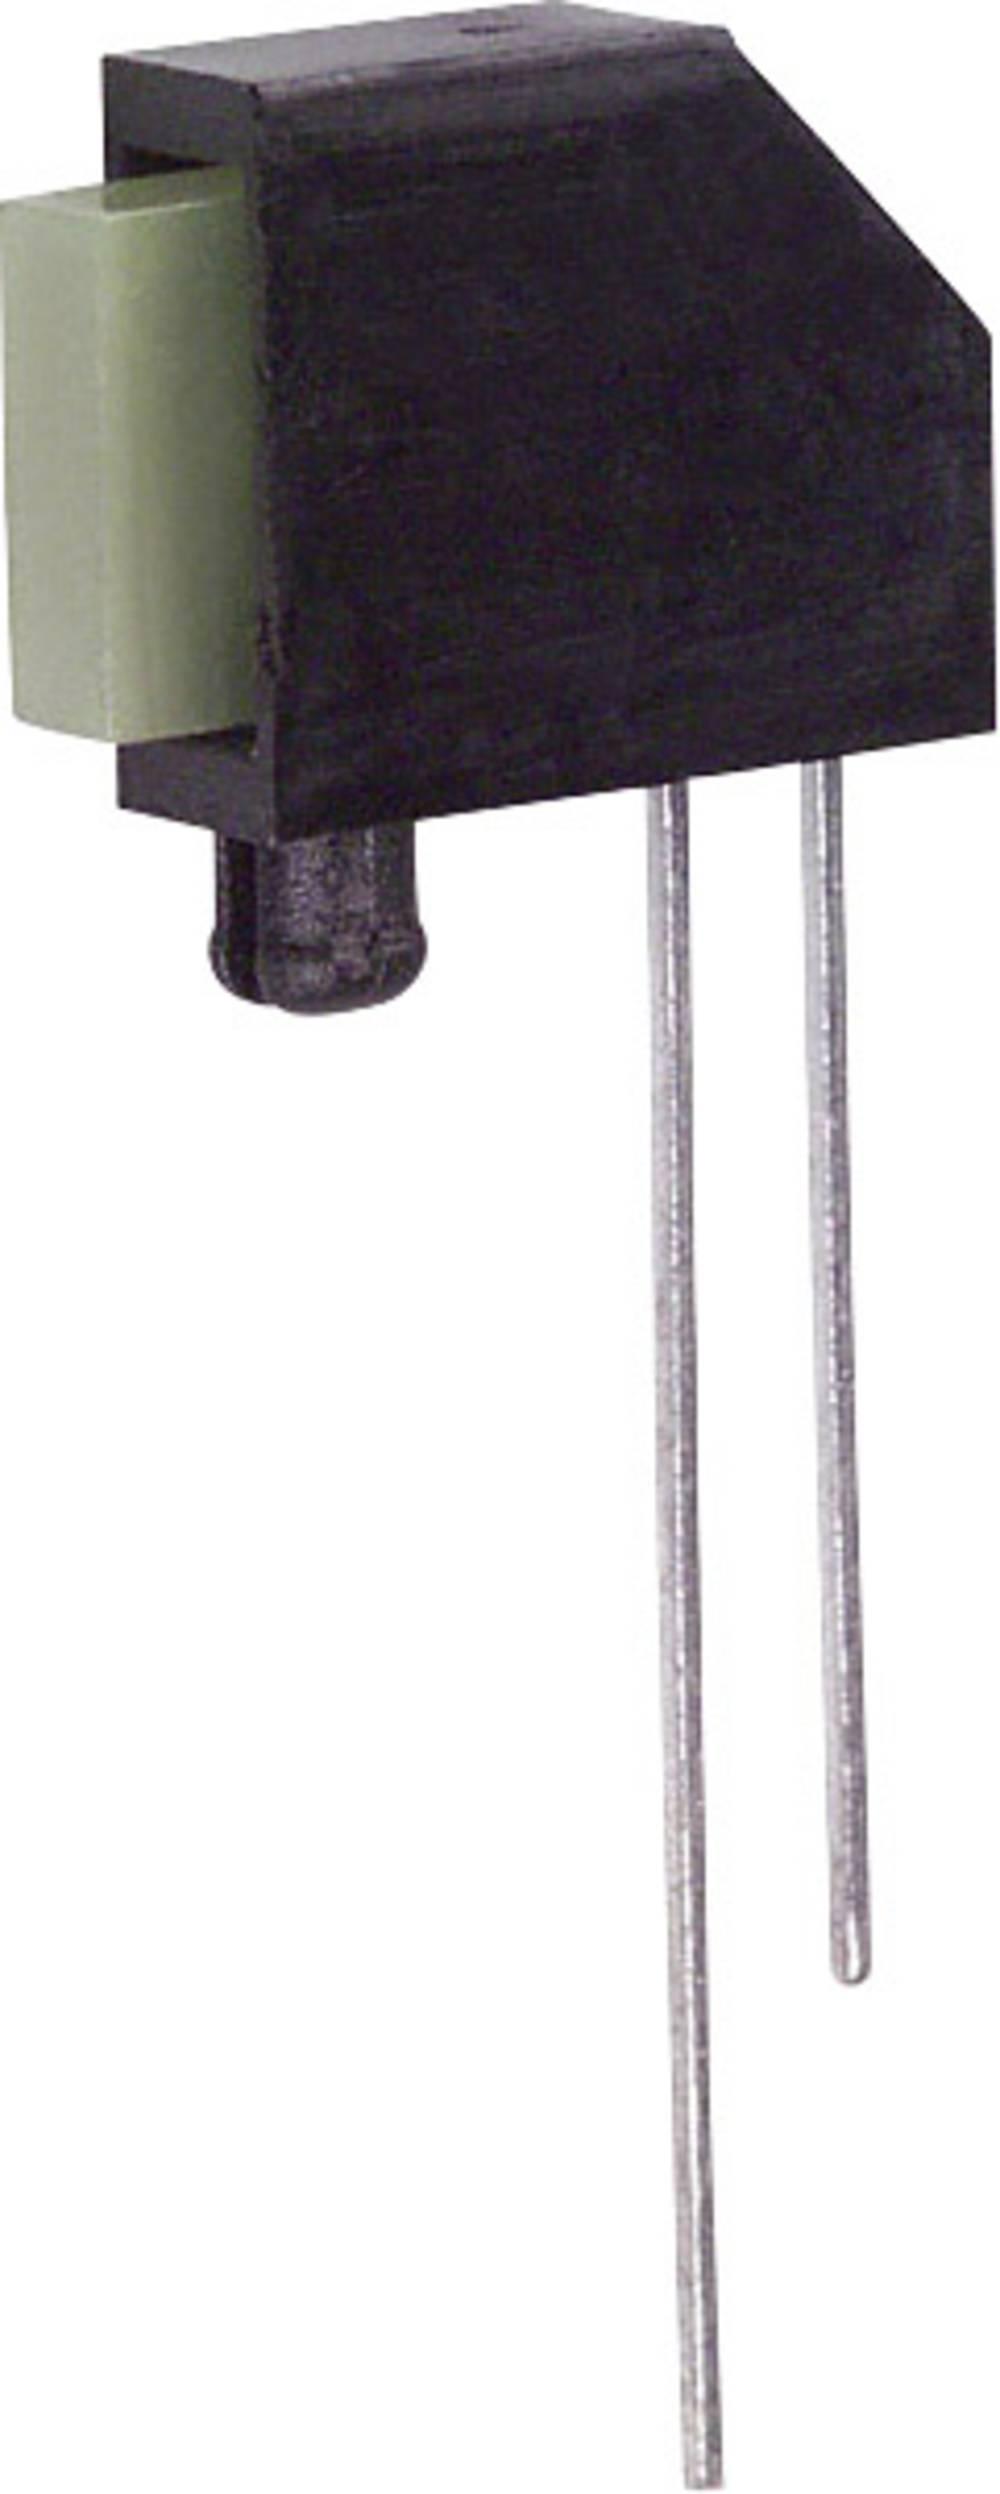 LED-komponent LUMEX (L x B x H) 32.96 x 14.39 x 3.61 mm Gul